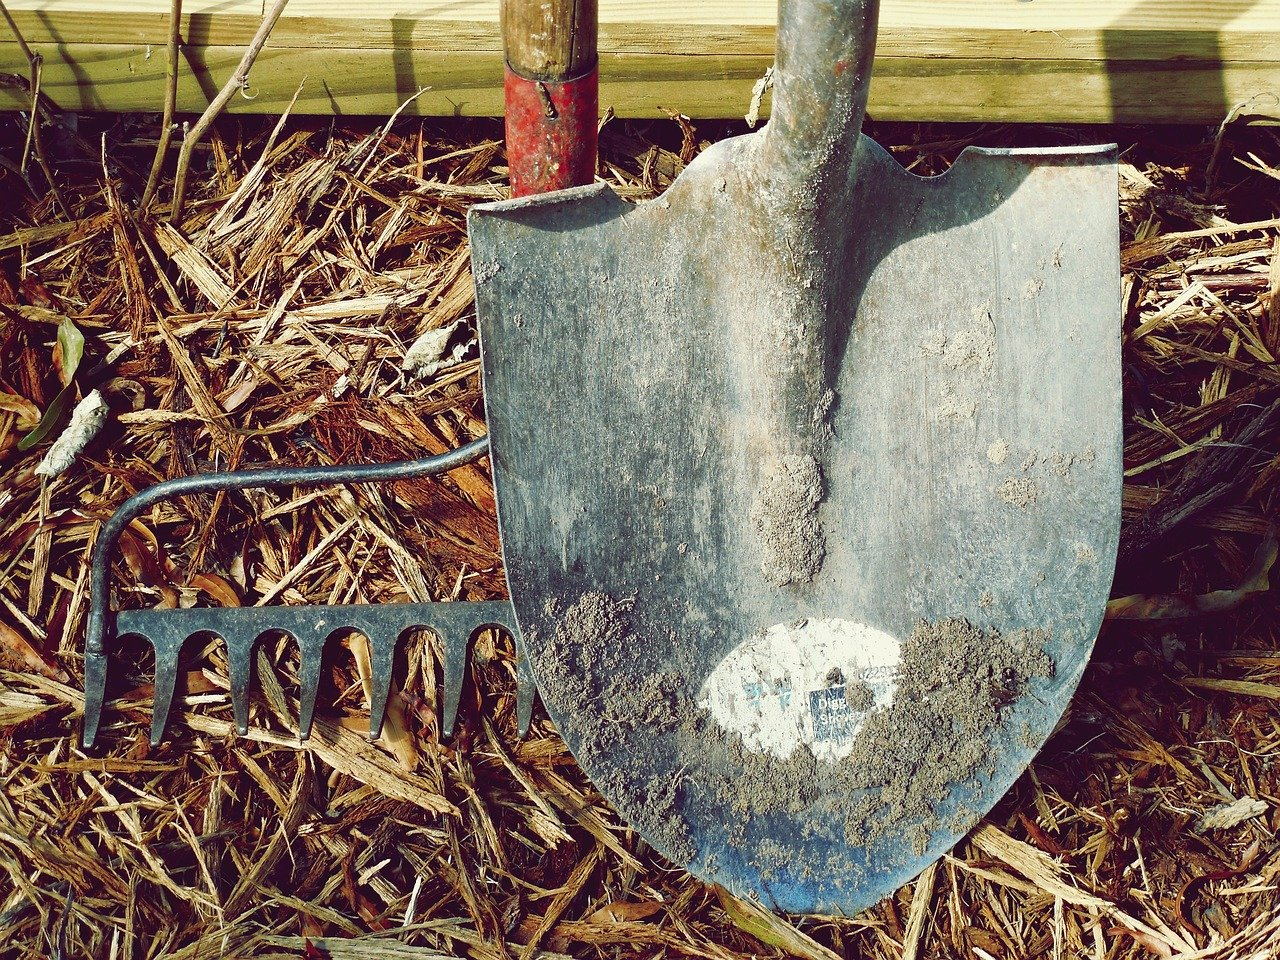 Herramientas para limpiar el jardín